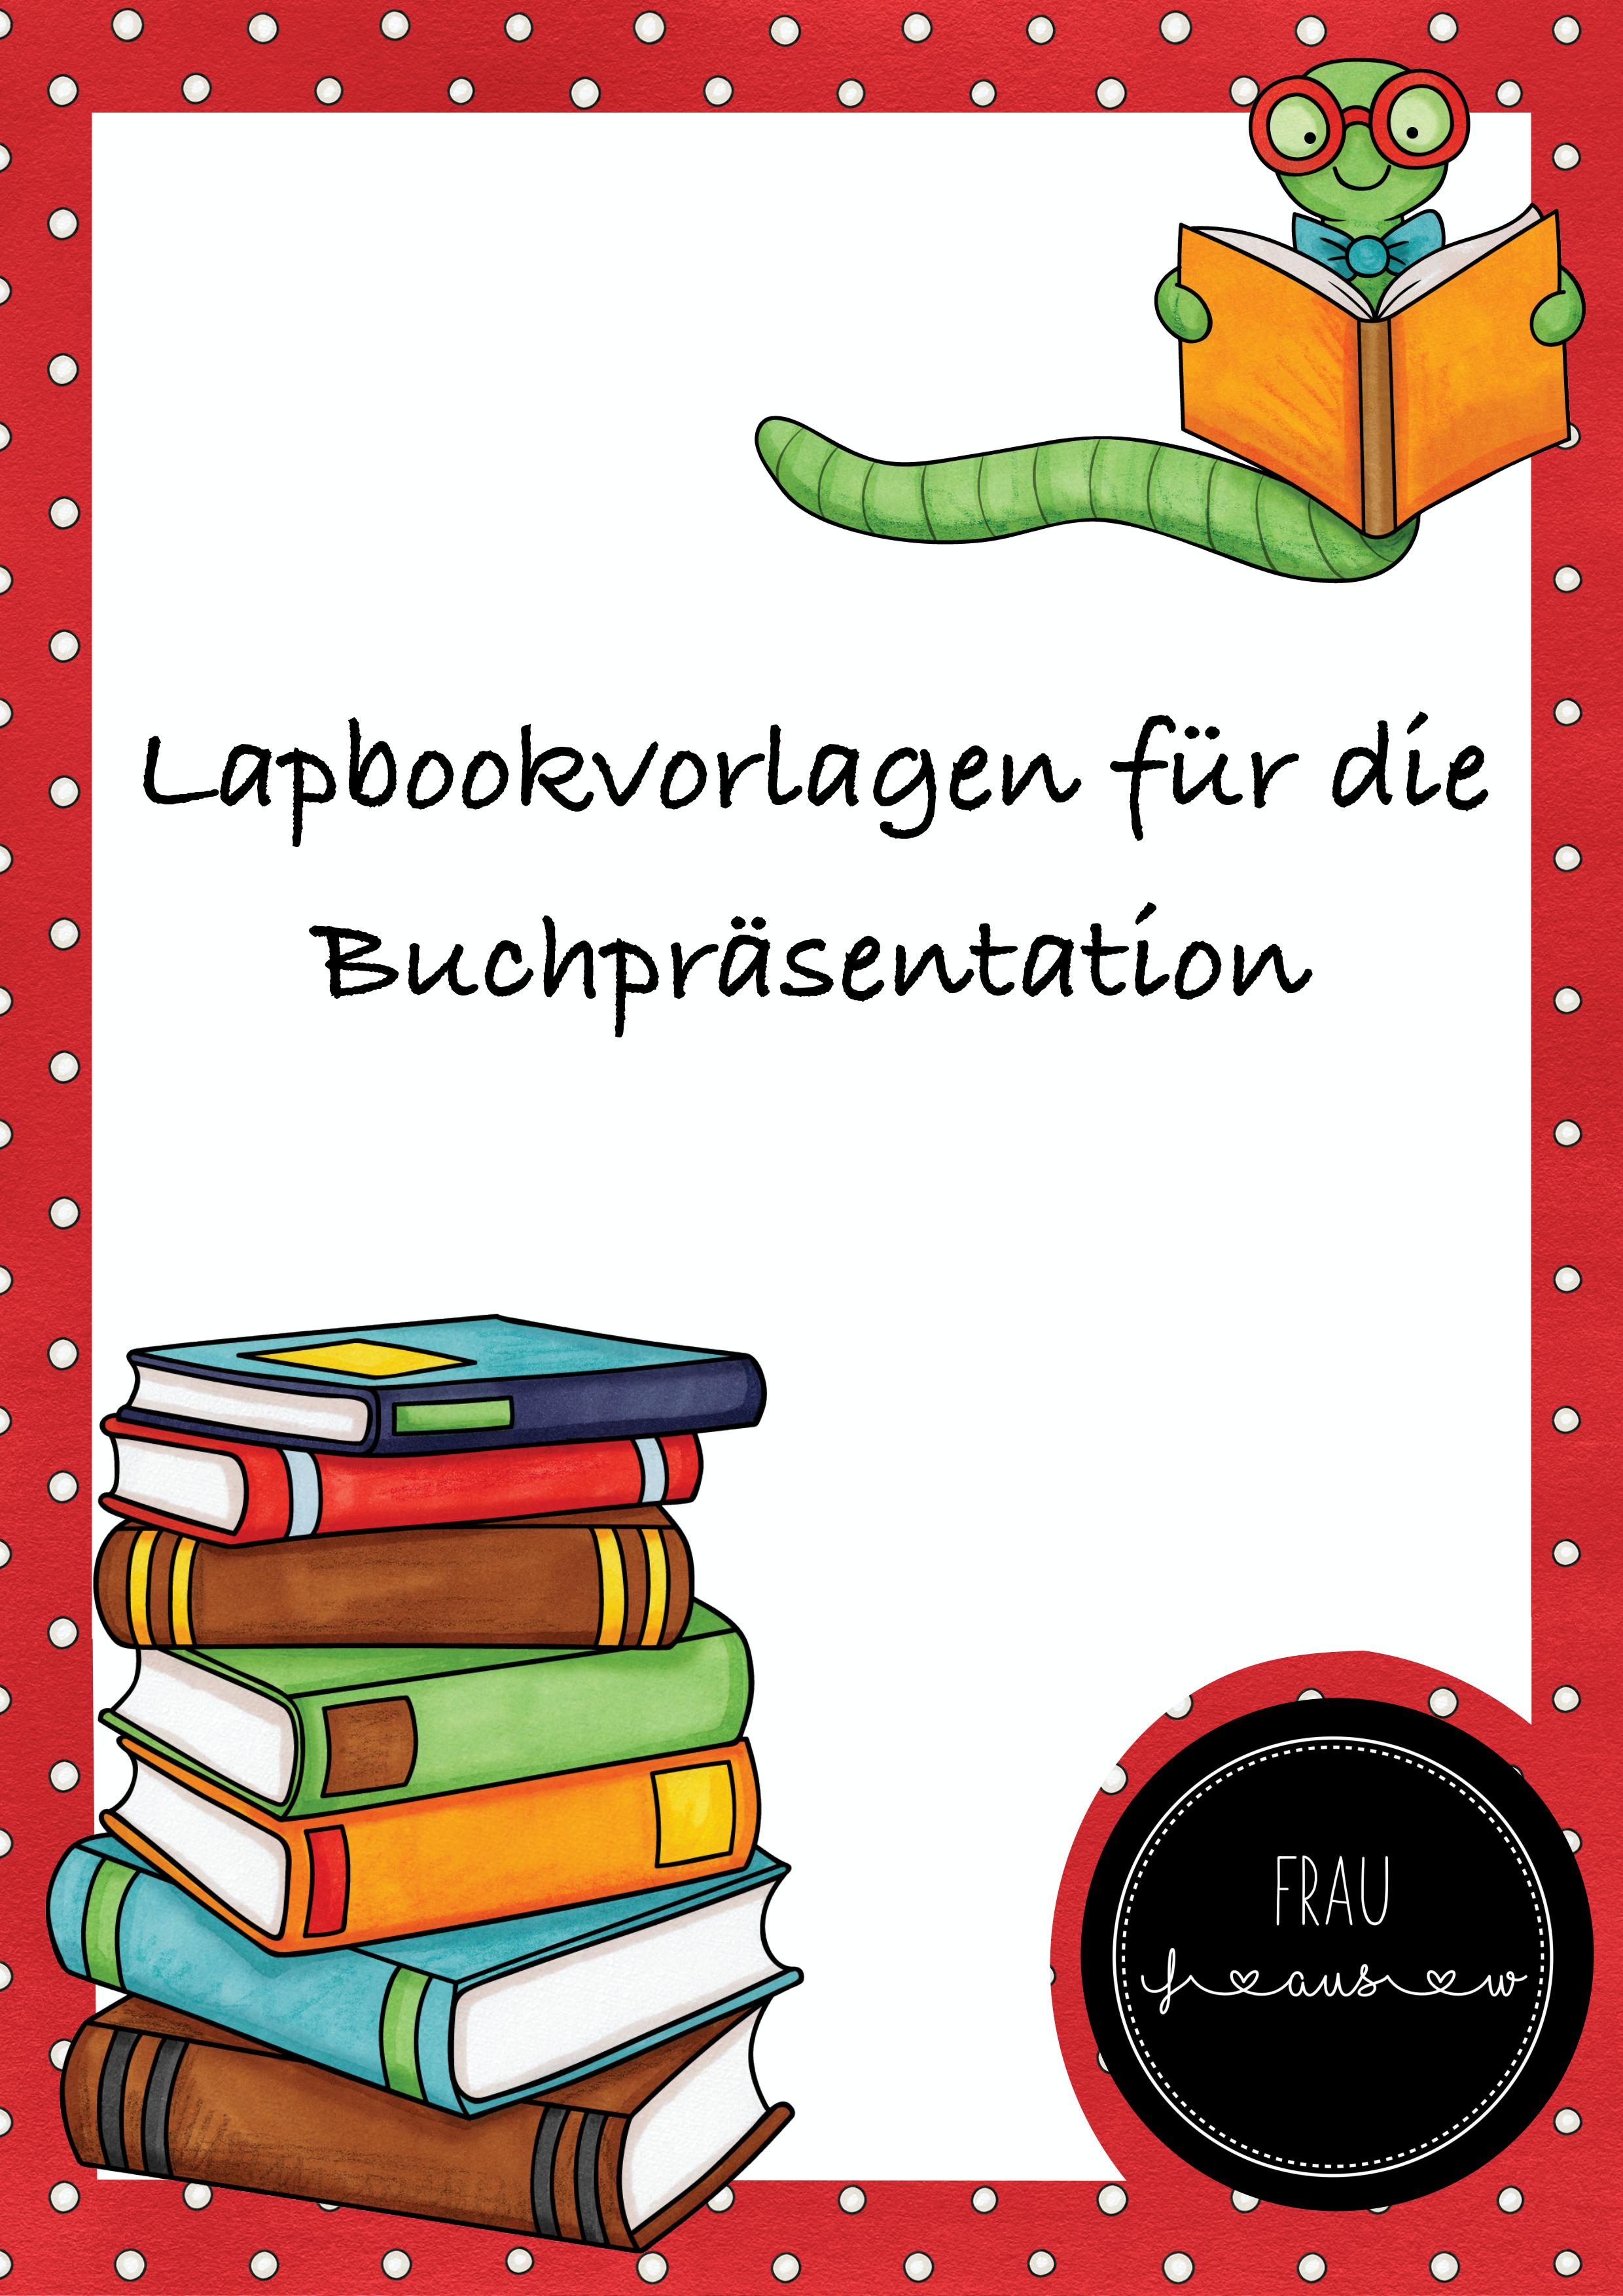 Lapbookvorlagen Fur Die Buchprasentation Unterrichtsmaterial In Den Fachern Deutsch Fachubergreifendes Unterricht Lesen Buchvorstellung Grundschule Deutsch Lesen